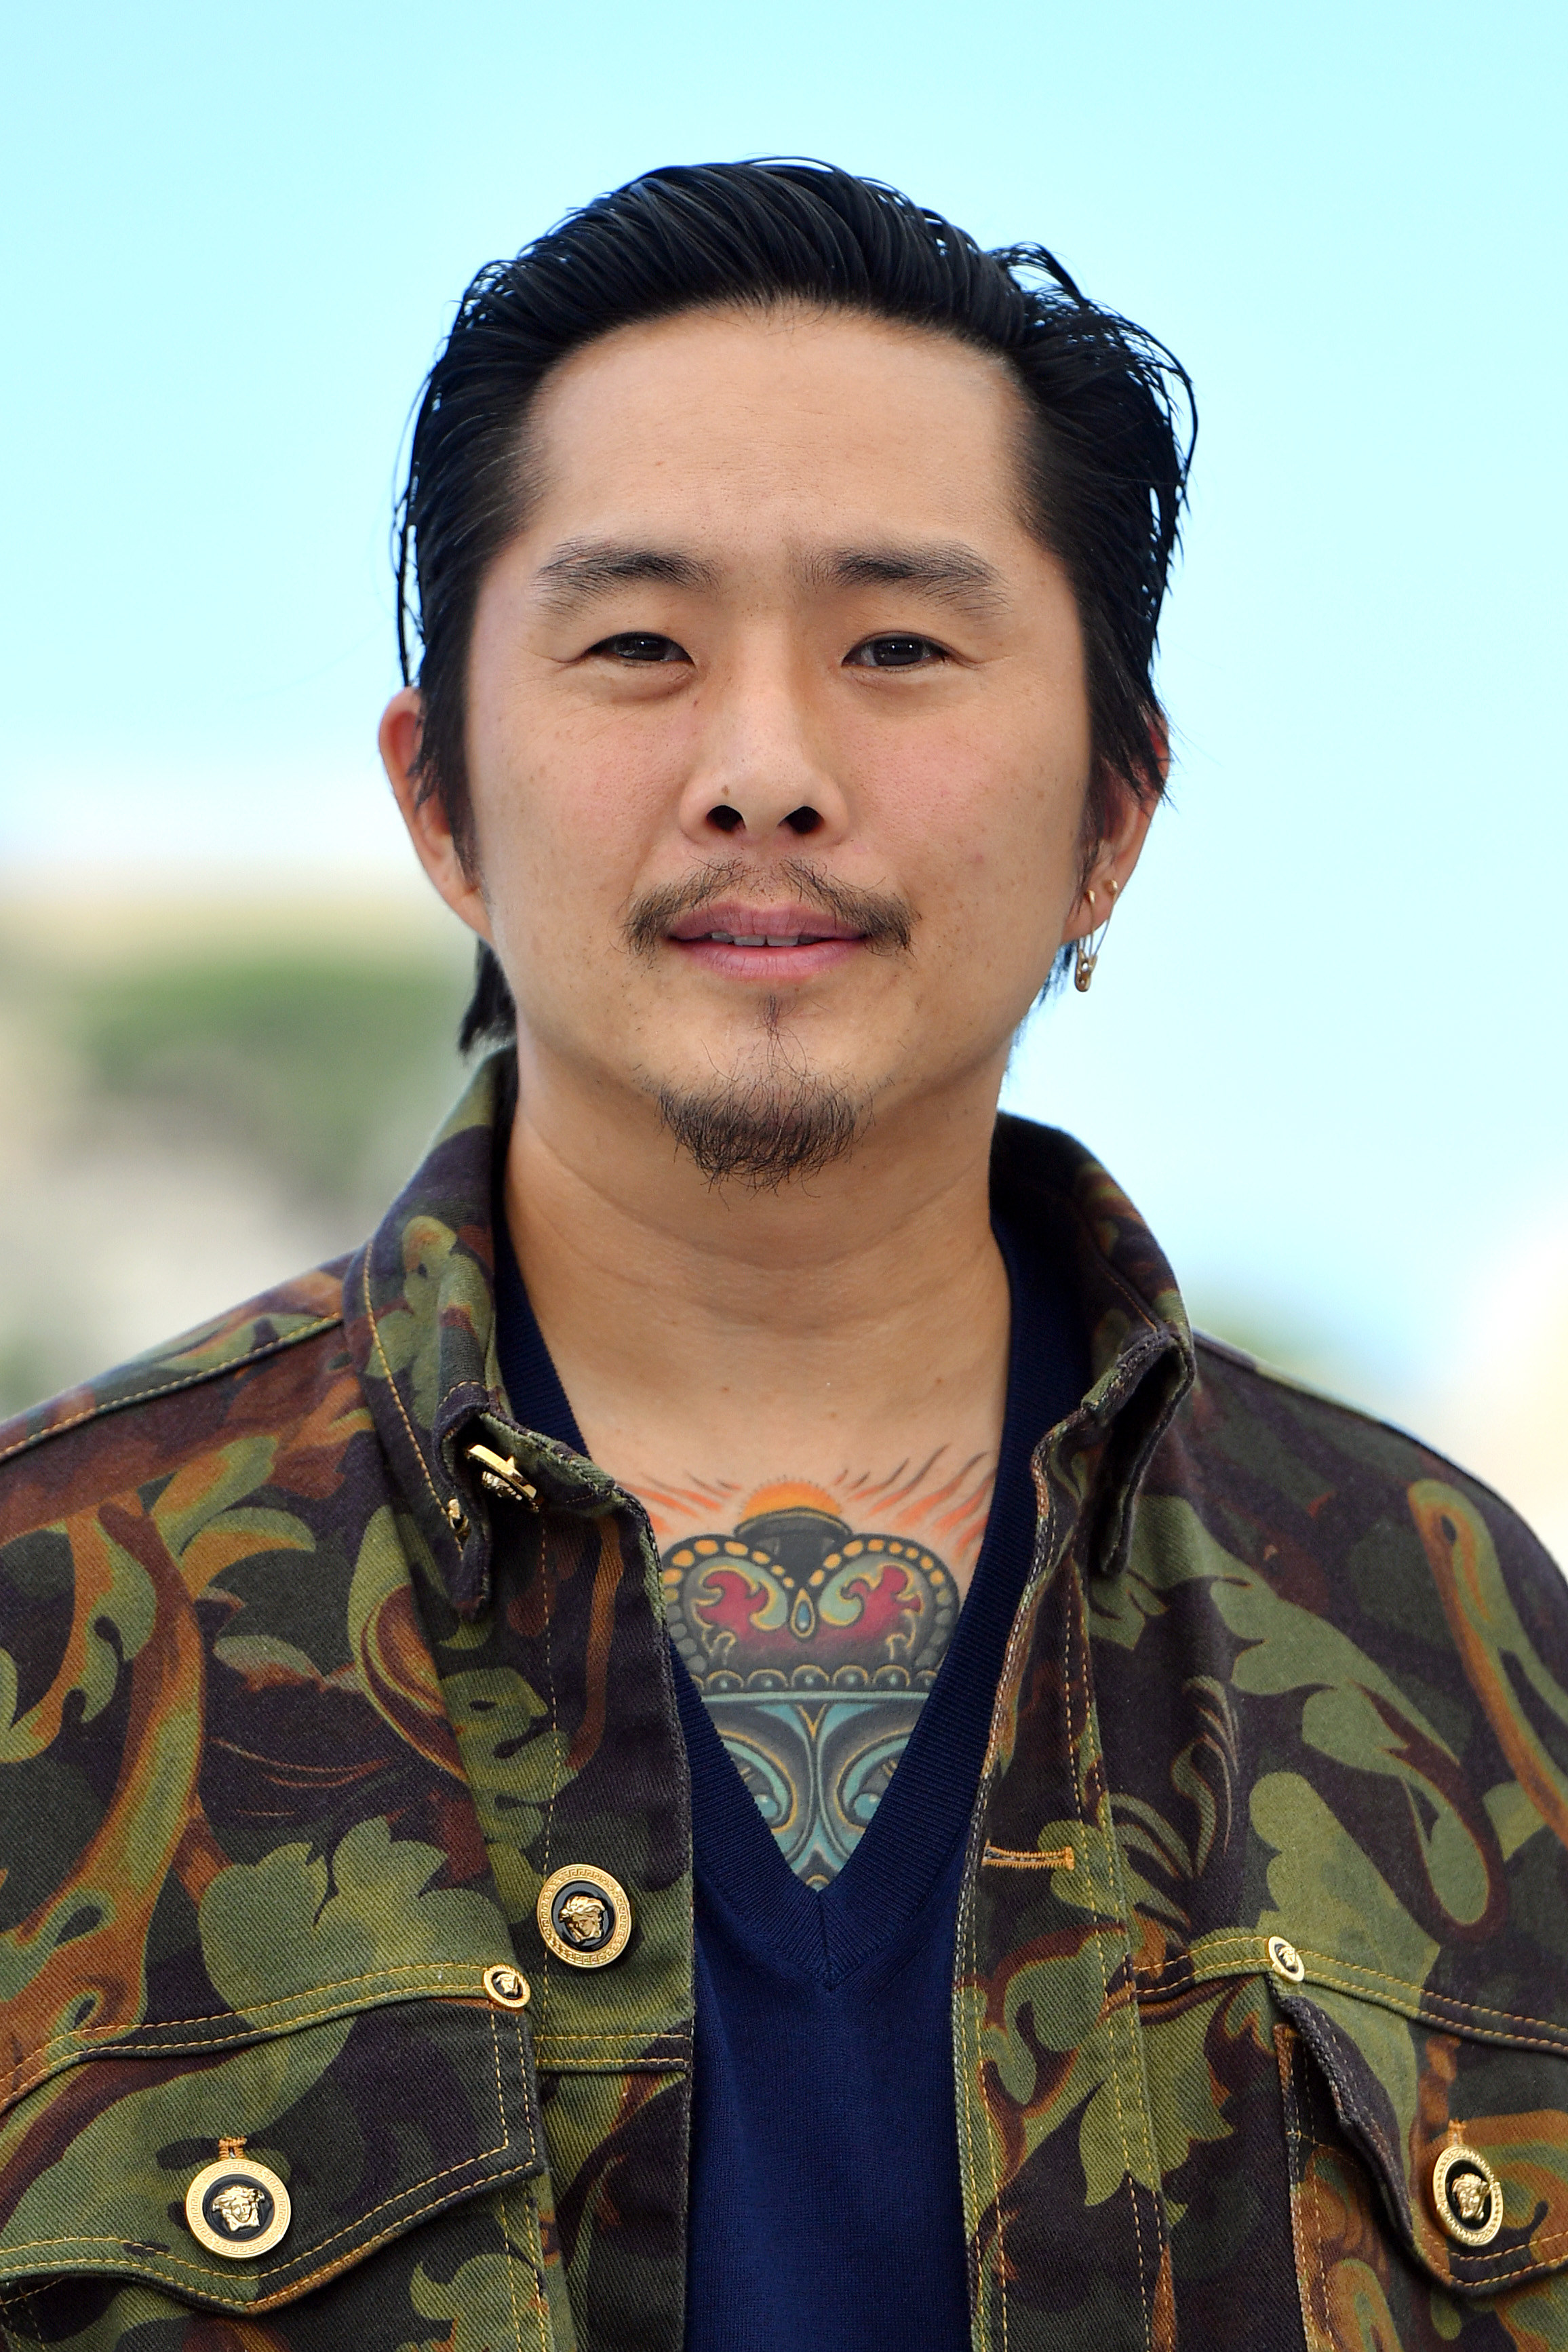 Asian men pics